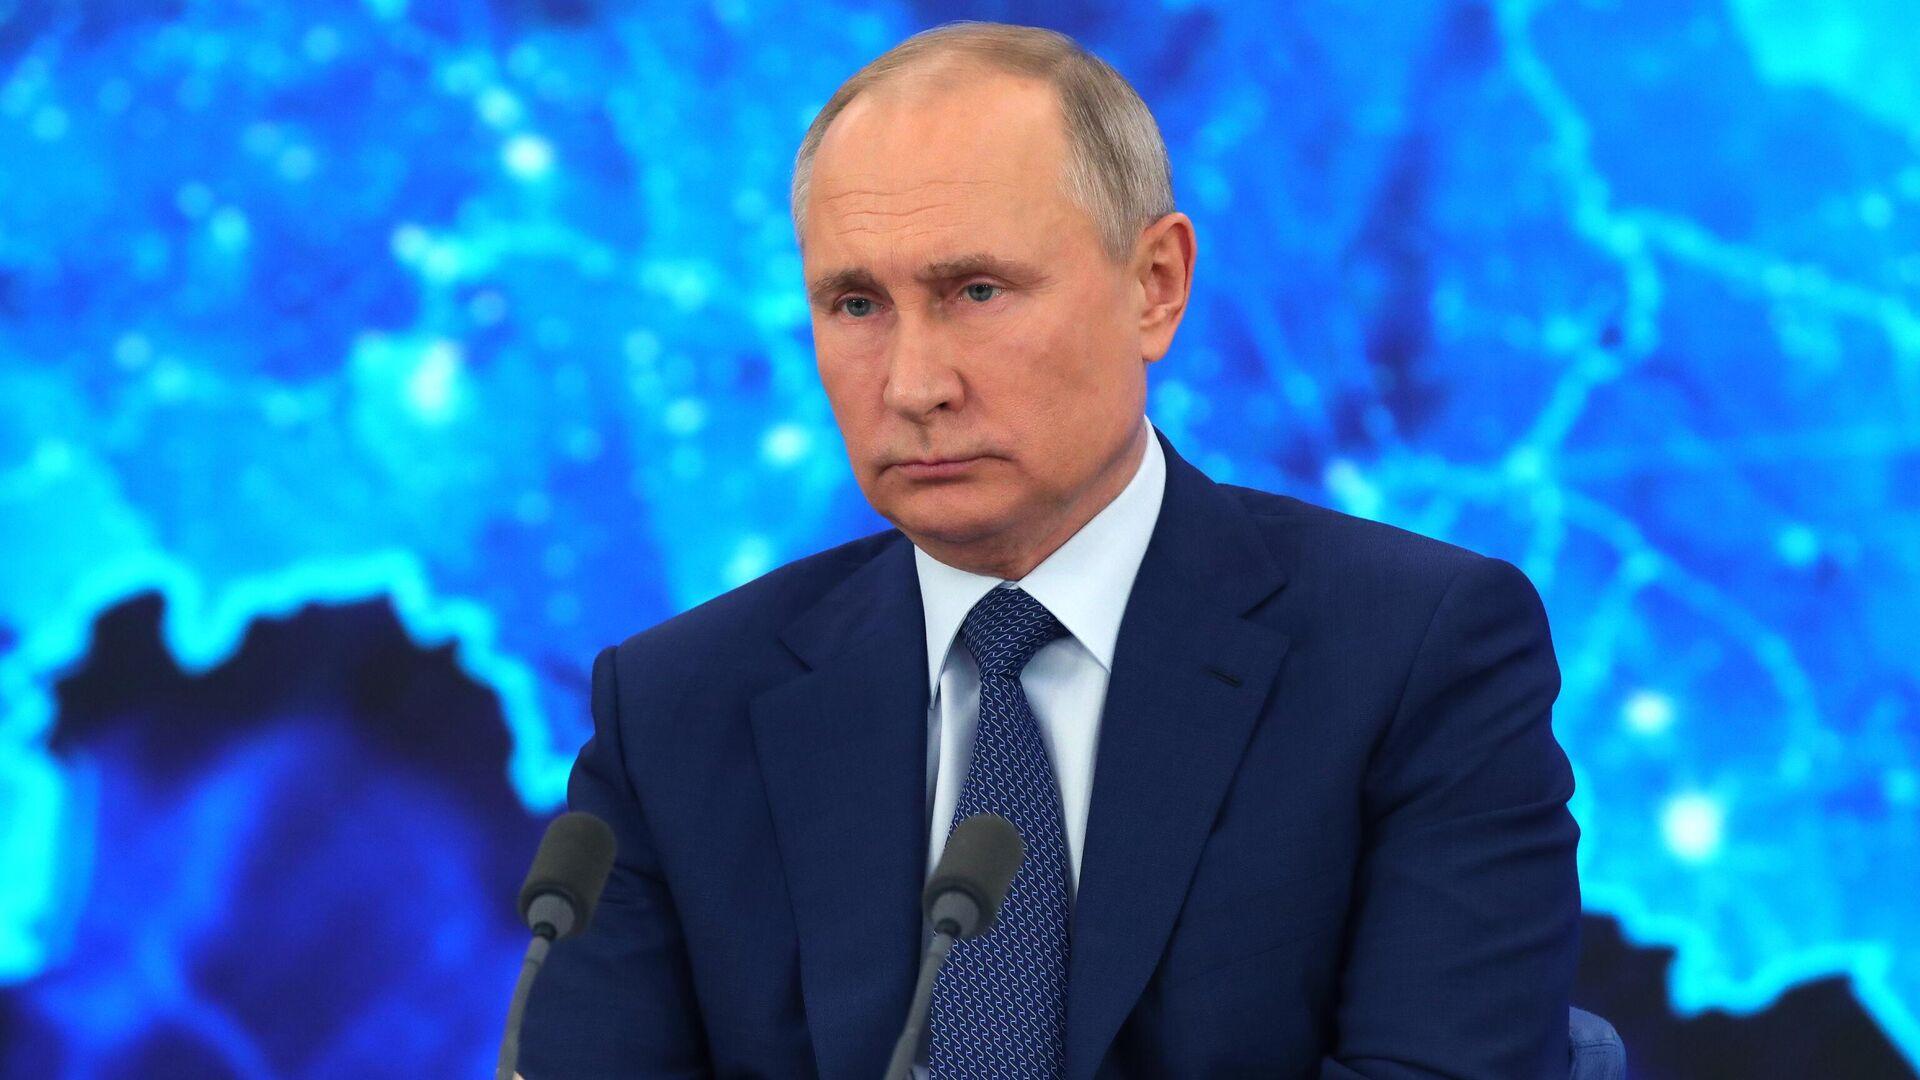 Не прозвучавшие на пресс-конференции Путина вопросы проанализируют